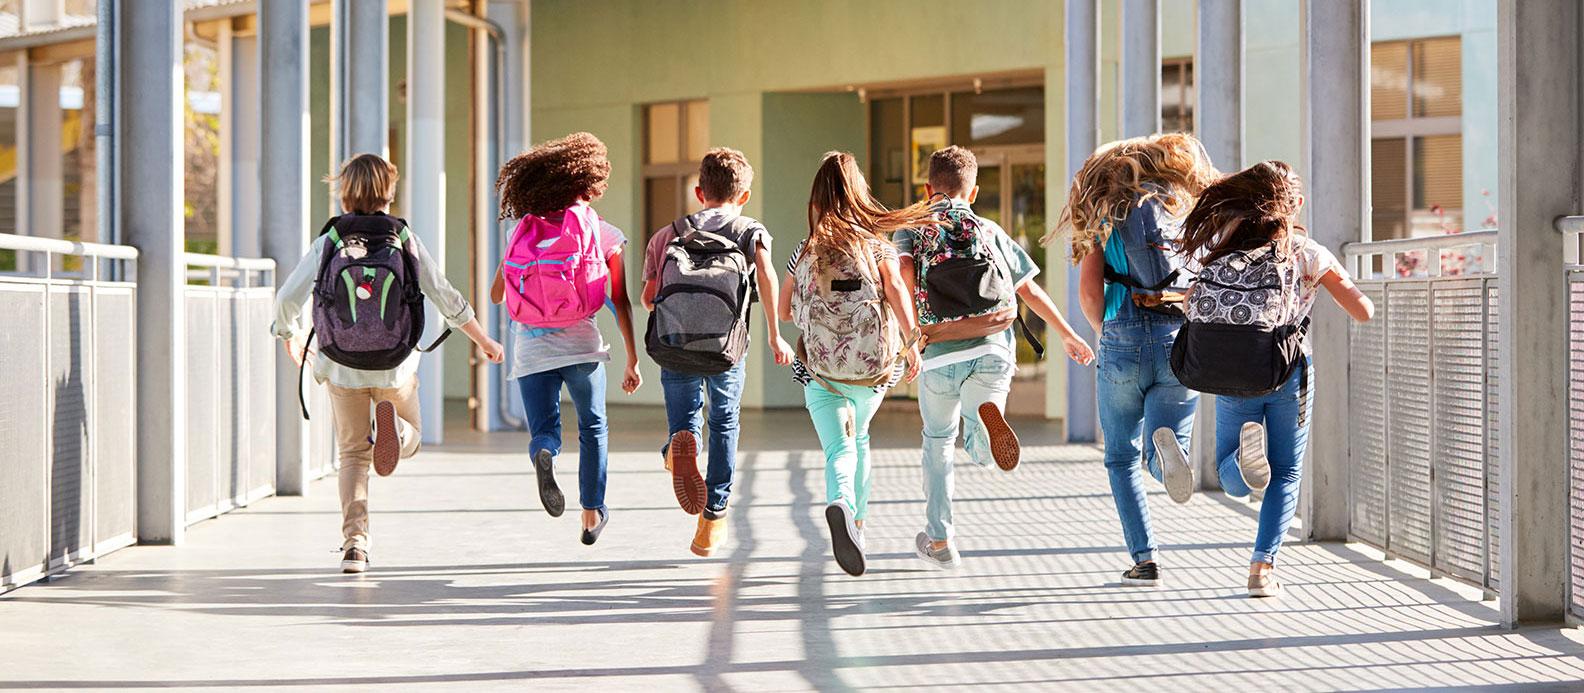 Kinder die erfreut in die Schule laufen